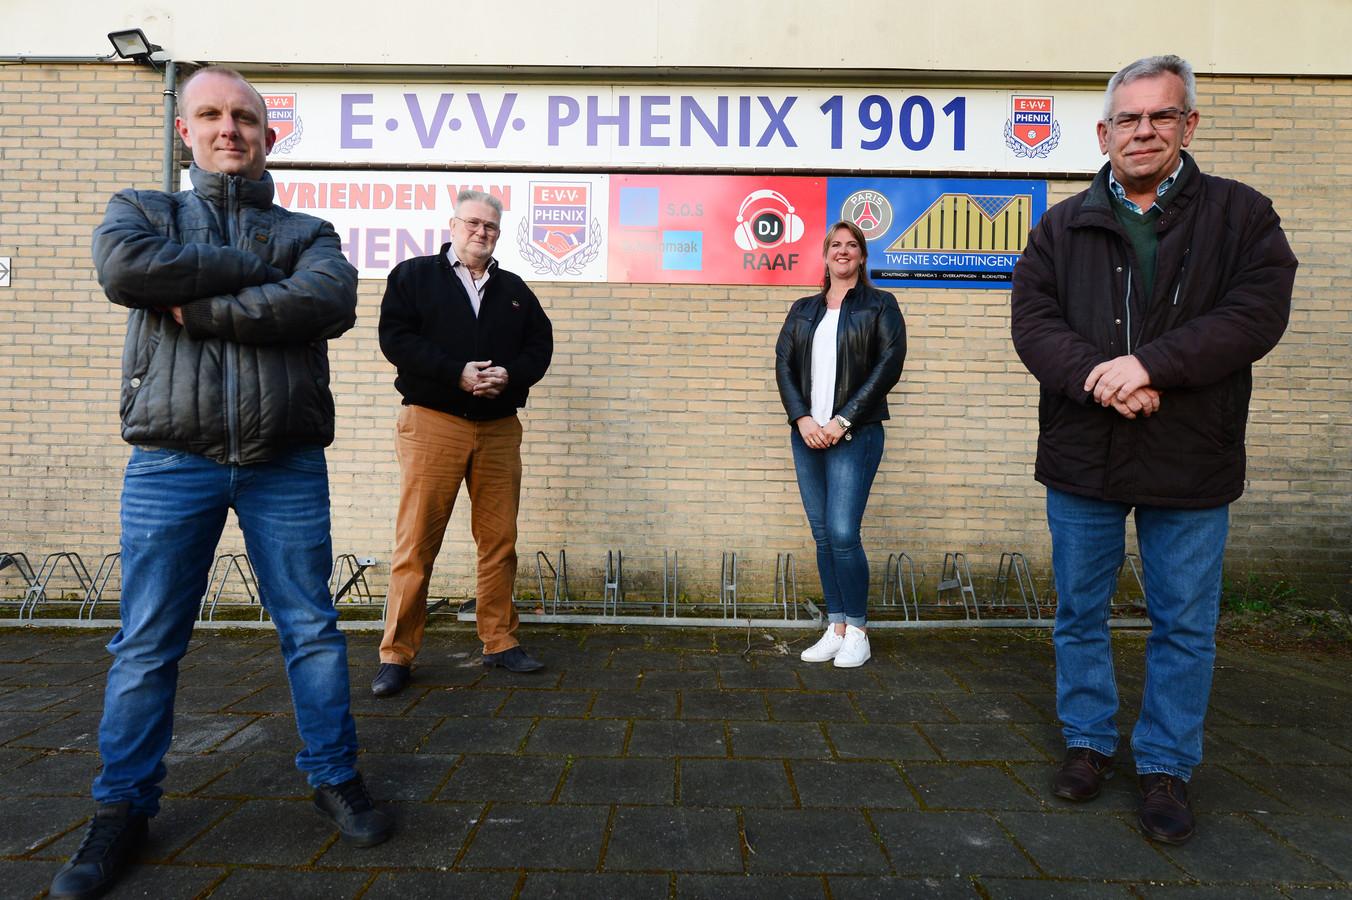 Feest bij Phenix, dat 120 jaar bestaat. Vanaf links: secretaris Jarno Bosch, Henk ter Heegde, Tineke de wit en Henk te Nijenhuis.